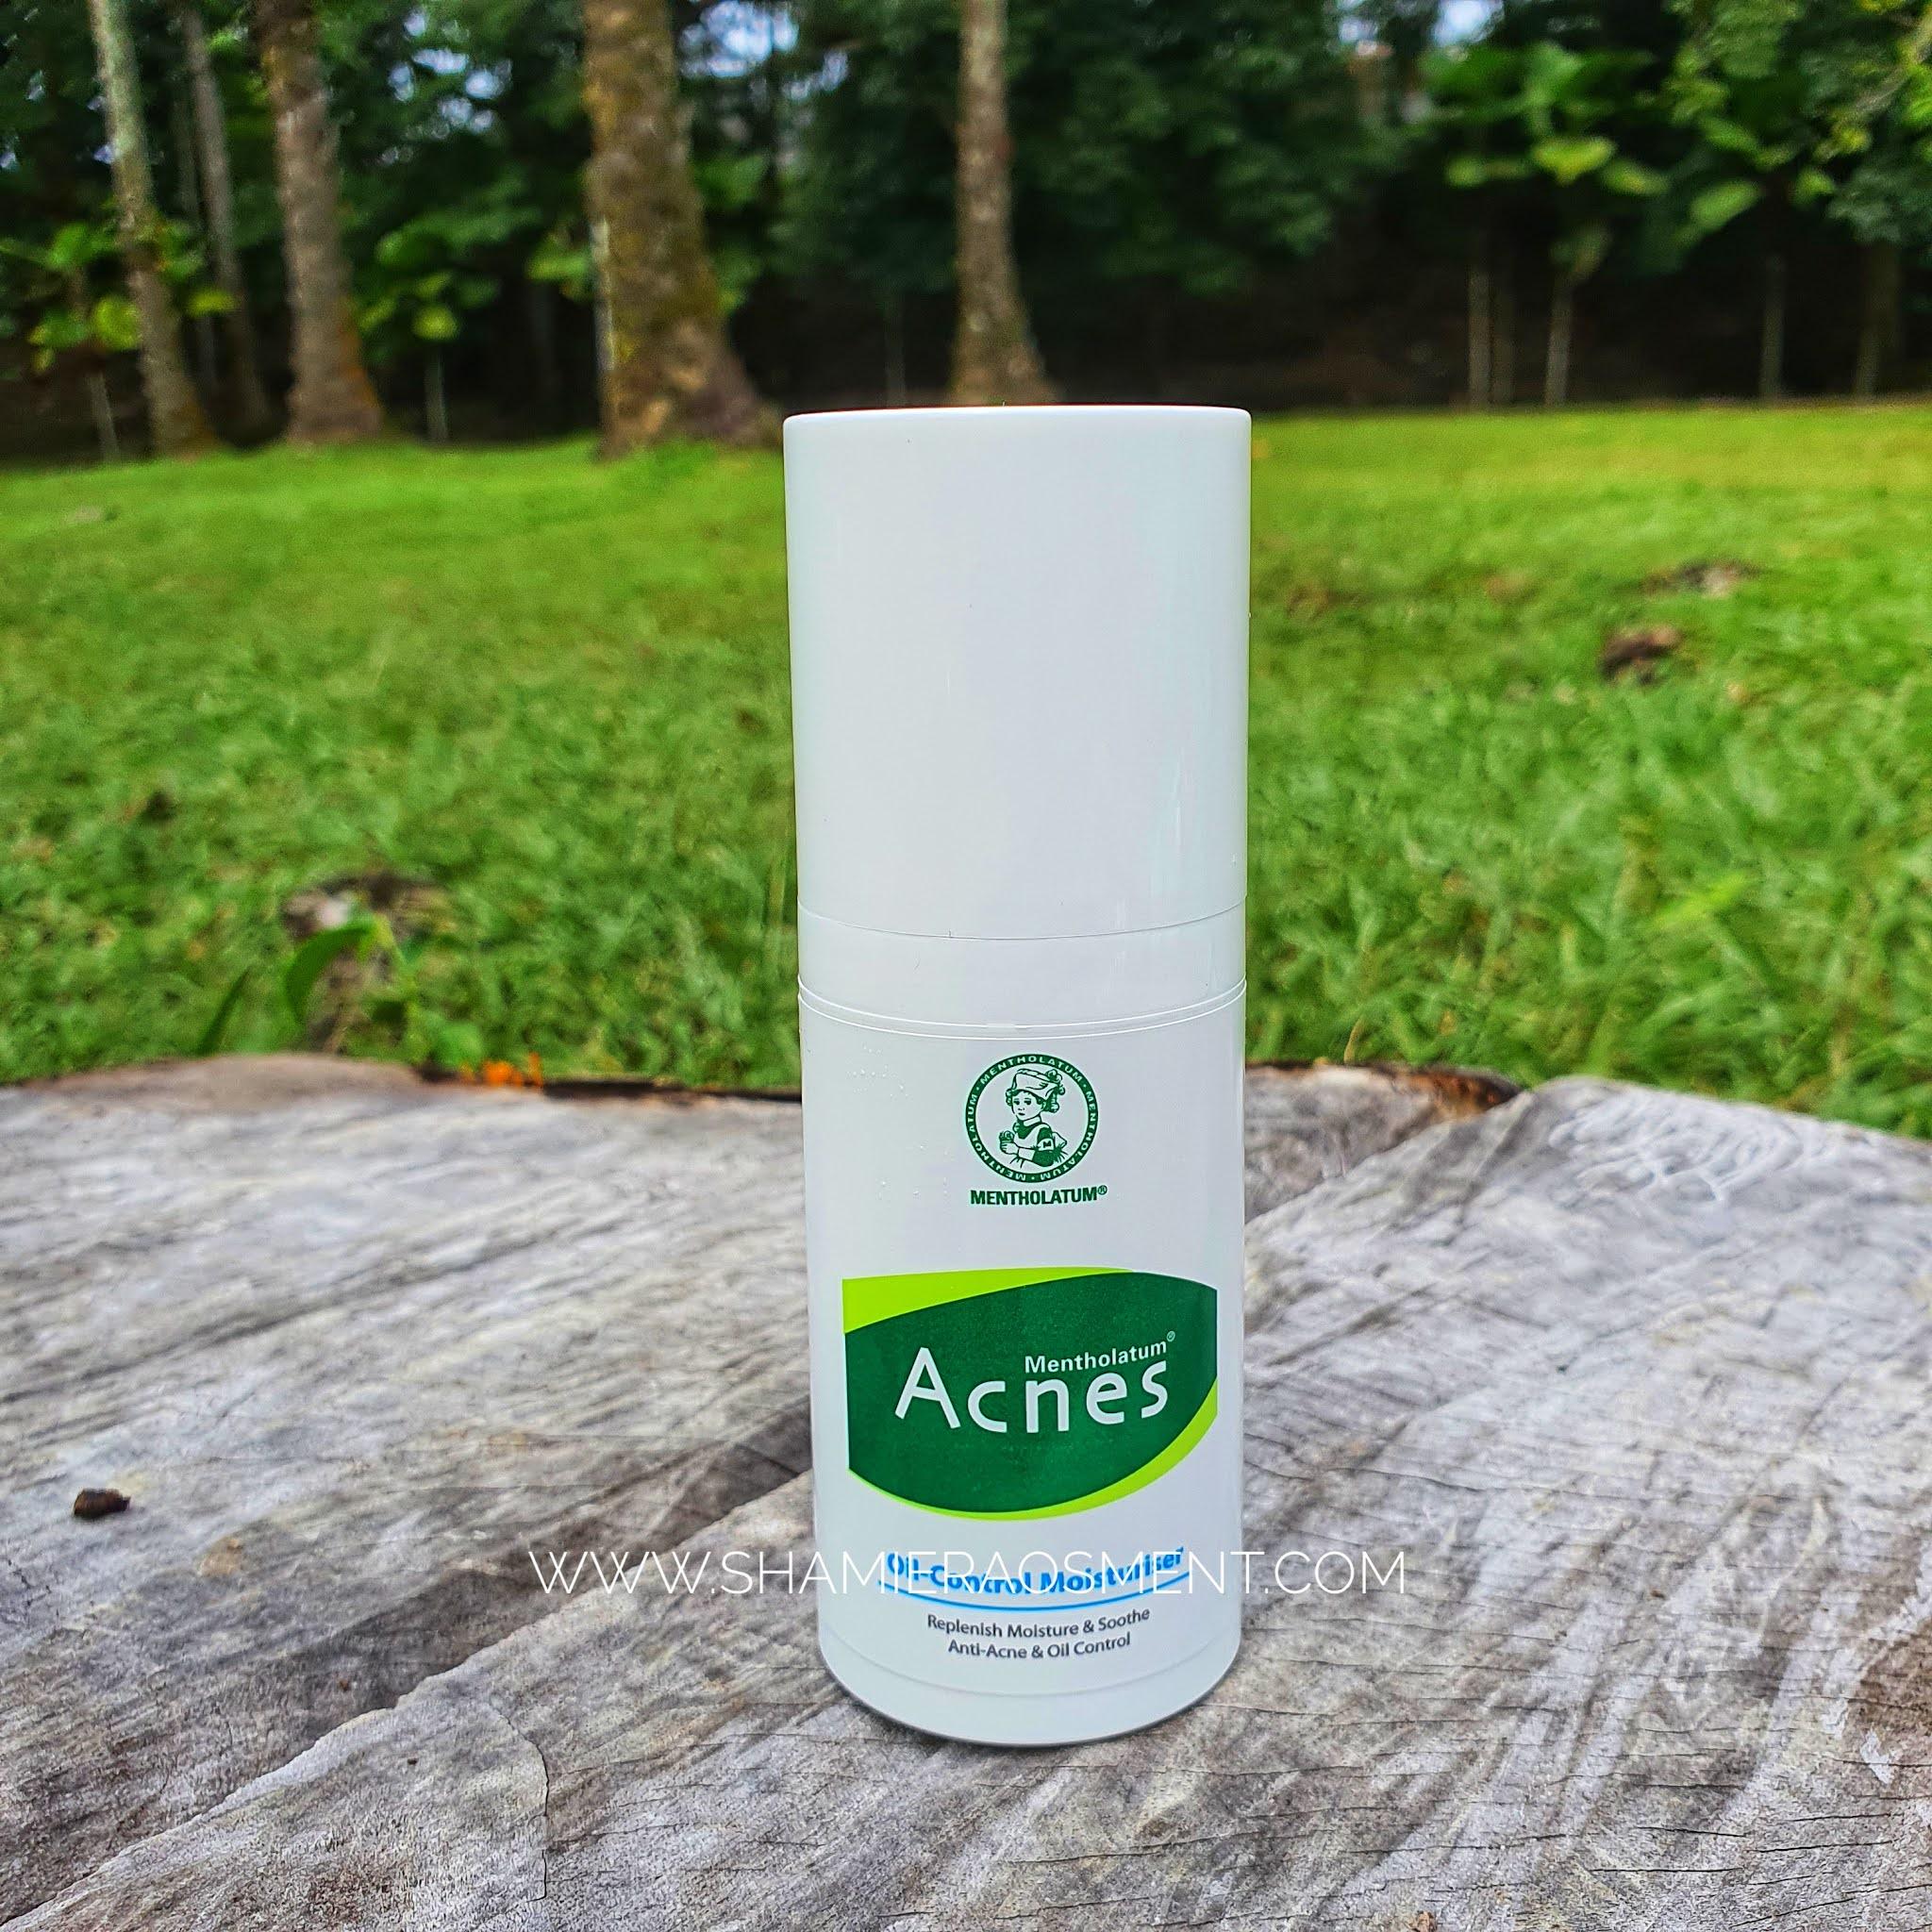 mentholatum acnes side effects, mentholatum acnes review, mentholatum acnes products, mentholatum acne care, mentholatum acnes scar care gel review,